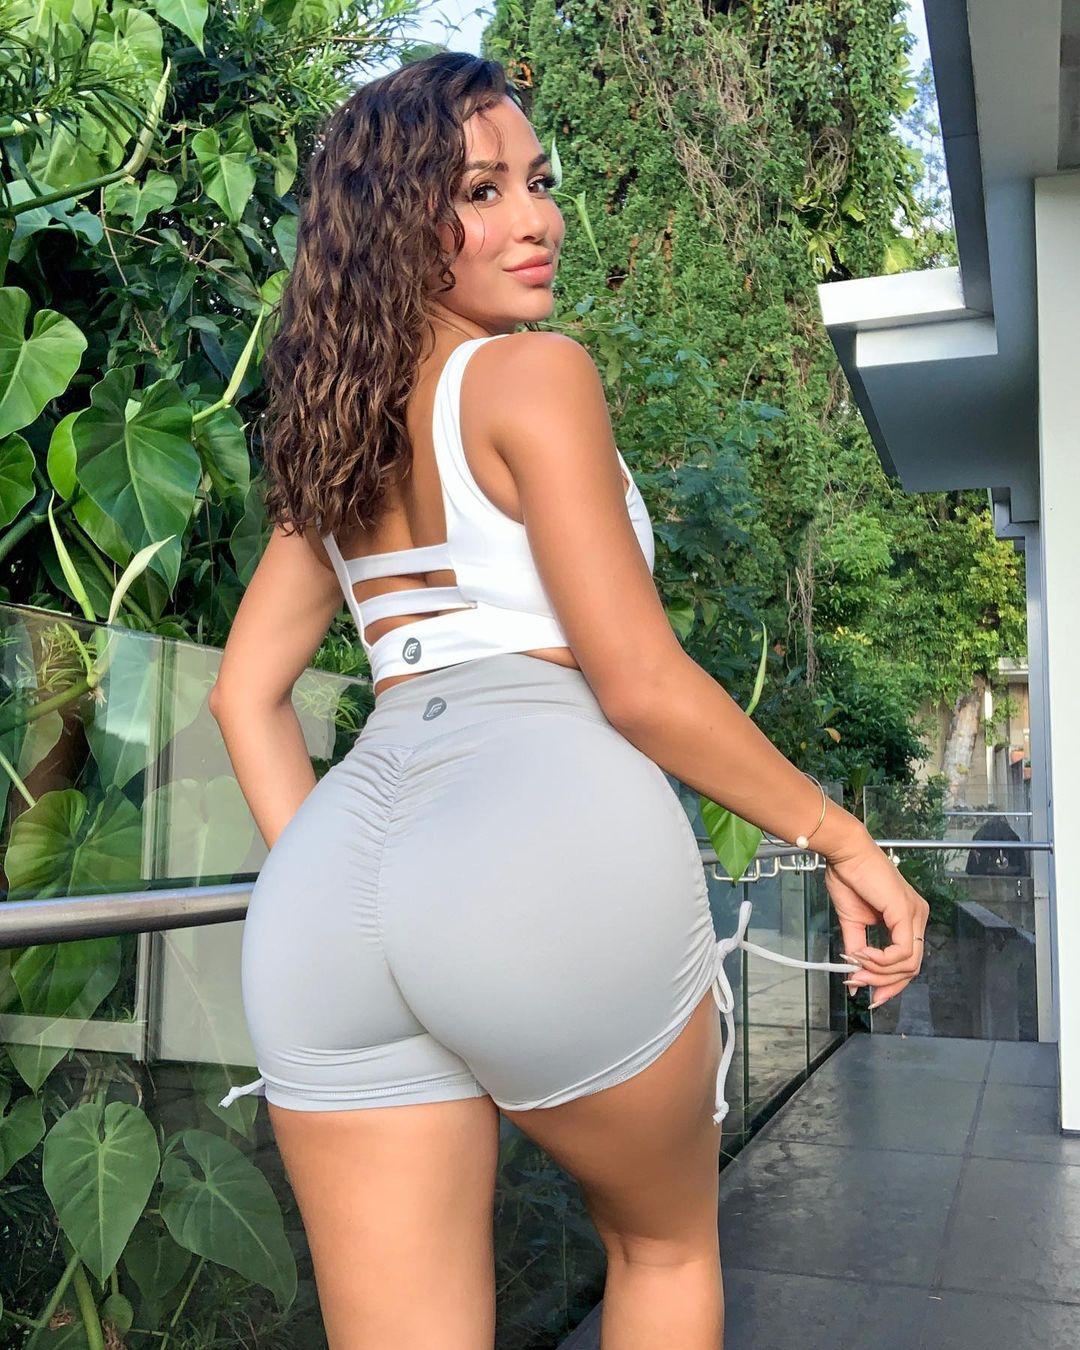 Ана Чери (Ana Cherí) - Самая горячая модель и фитнес тренер 29